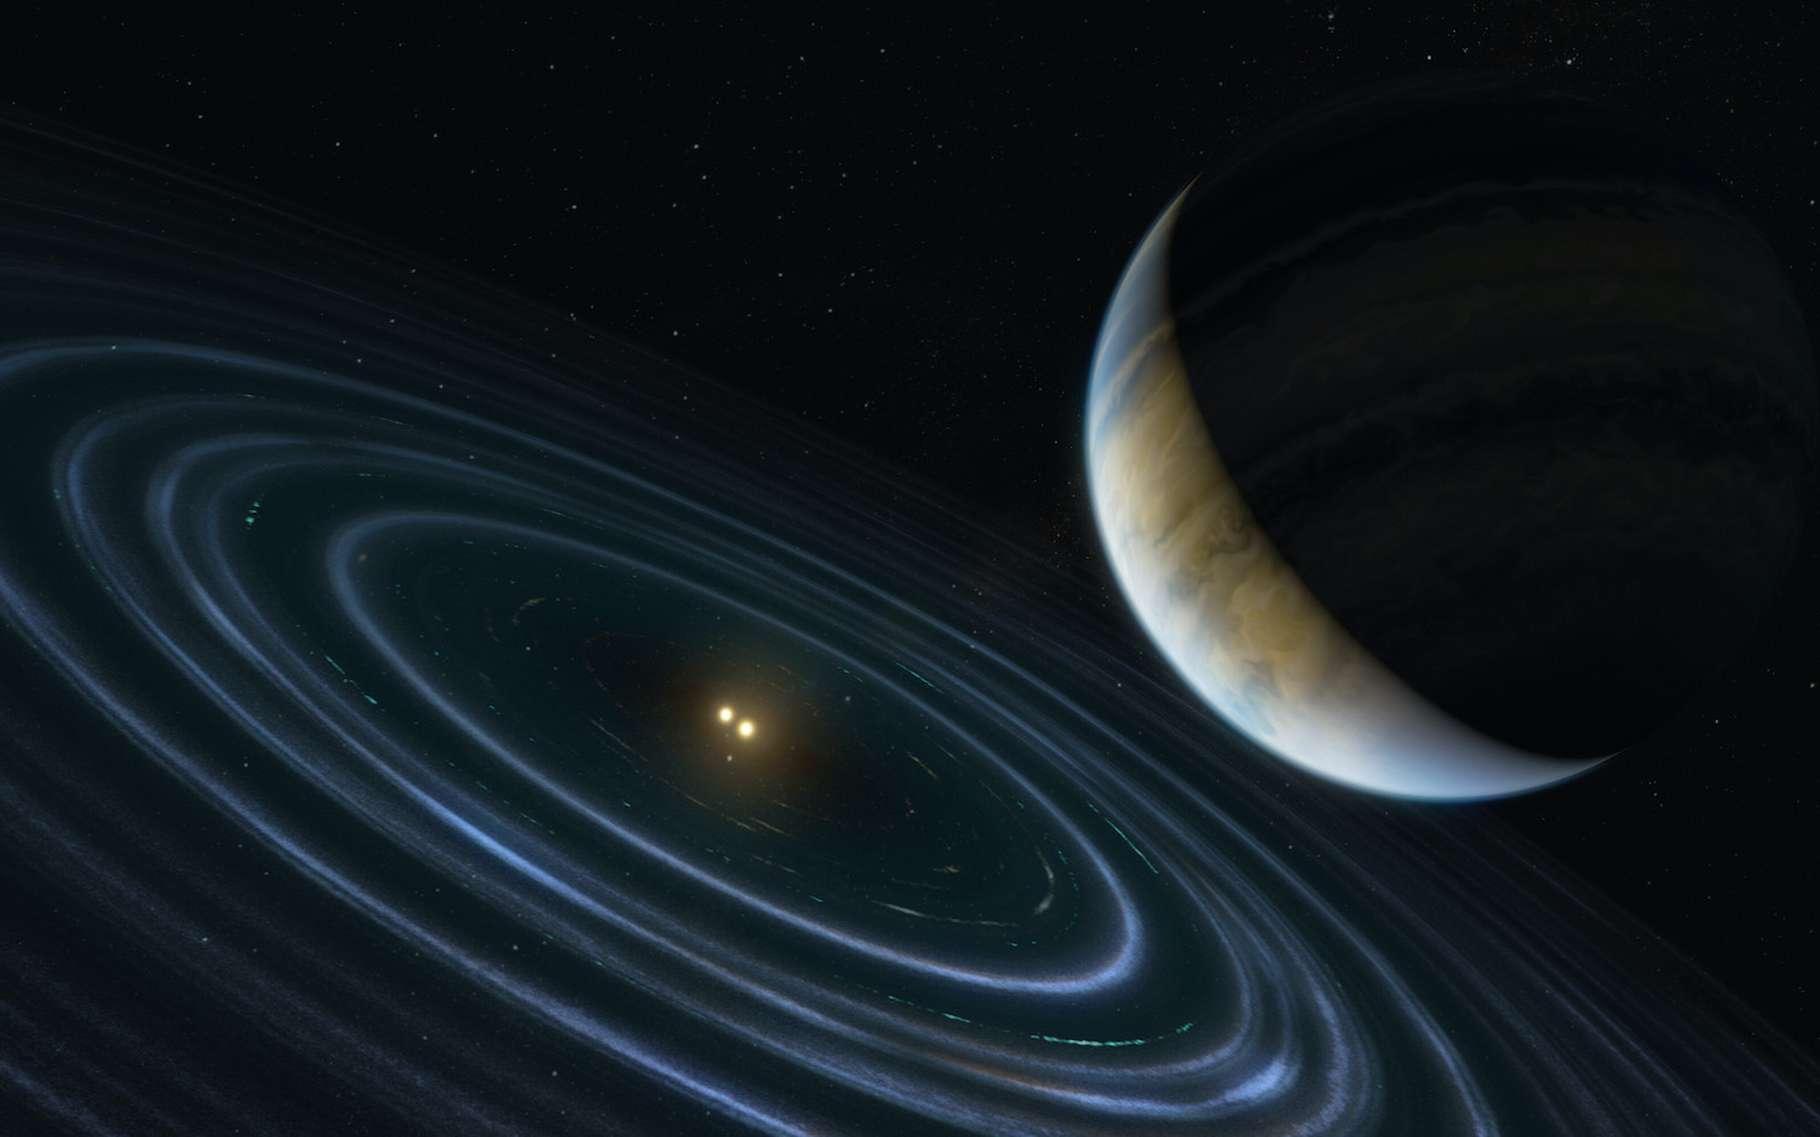 L'exoplanète baptisée HD 106906 b circule sur une orbite improbable autour d'une étoile double à 336 années-lumière de la Terre. Elle offre des indices sur celle que les astronomes appellent la « planète 9 » et qu'ils cherchent depuis plusieurs années aux confins de notre Système solaire. © M. Kornmesser, ESA